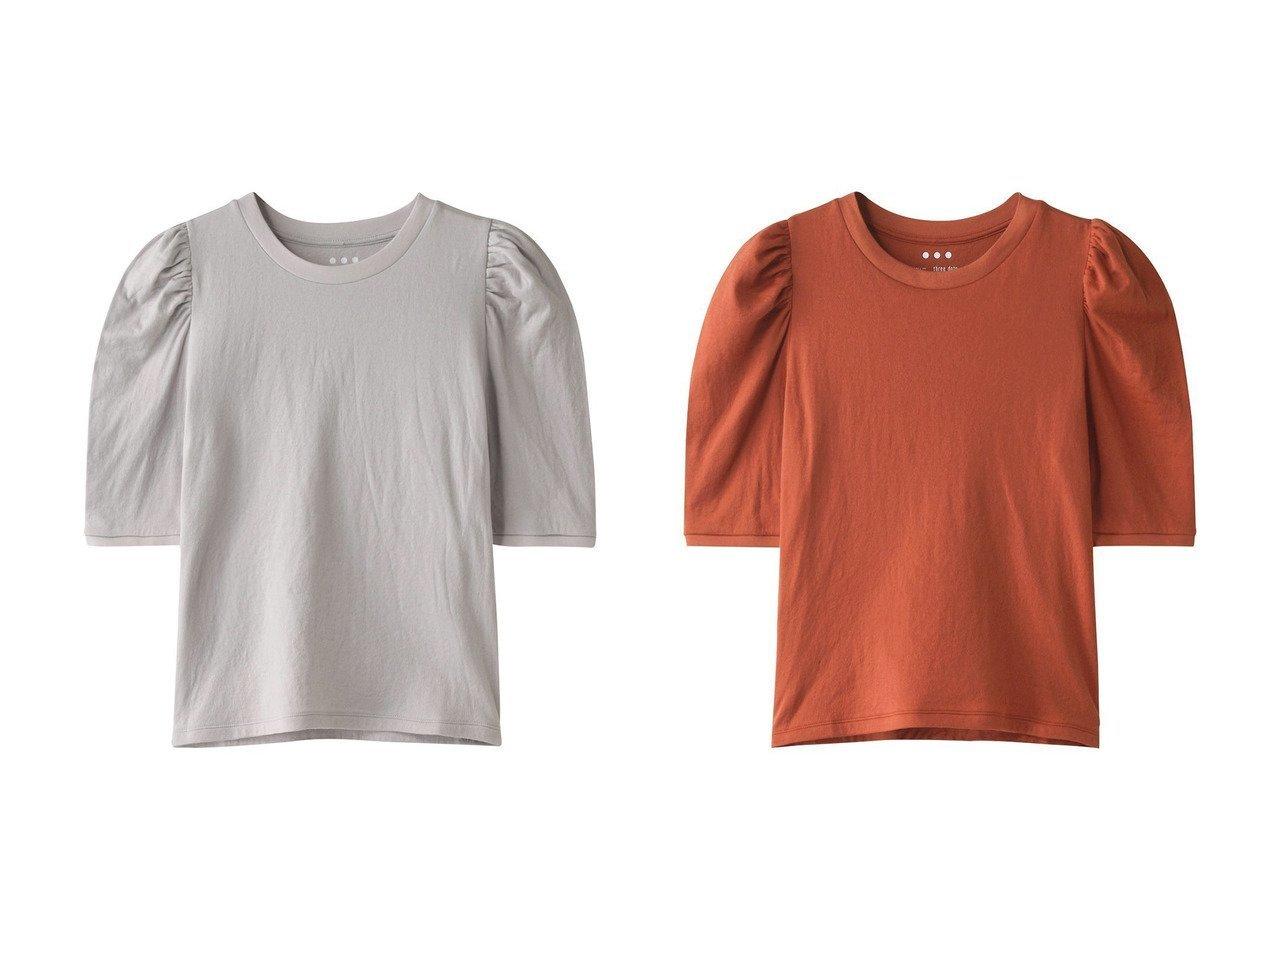 【three dots/スリー ドッツ】のSmile cotton power shoulder tee collaborated with Naoko Okusa 別注・限定・コラボなど、おすすめ!人気トレンド・レディースファッション通販 おすすめで人気の流行・トレンド、ファッションの通販商品 インテリア・家具・メンズファッション・キッズファッション・レディースファッション・服の通販 founy(ファニー) https://founy.com/ ファッション Fashion レディースファッション WOMEN トップス・カットソー Tops/Tshirt シャツ/ブラウス Shirts/Blouses ロング / Tシャツ T-Shirts カットソー Cut and Sewn ギャザー コラボ ショルダー ショート シンプル スリーブ |ID:crp329100000043063